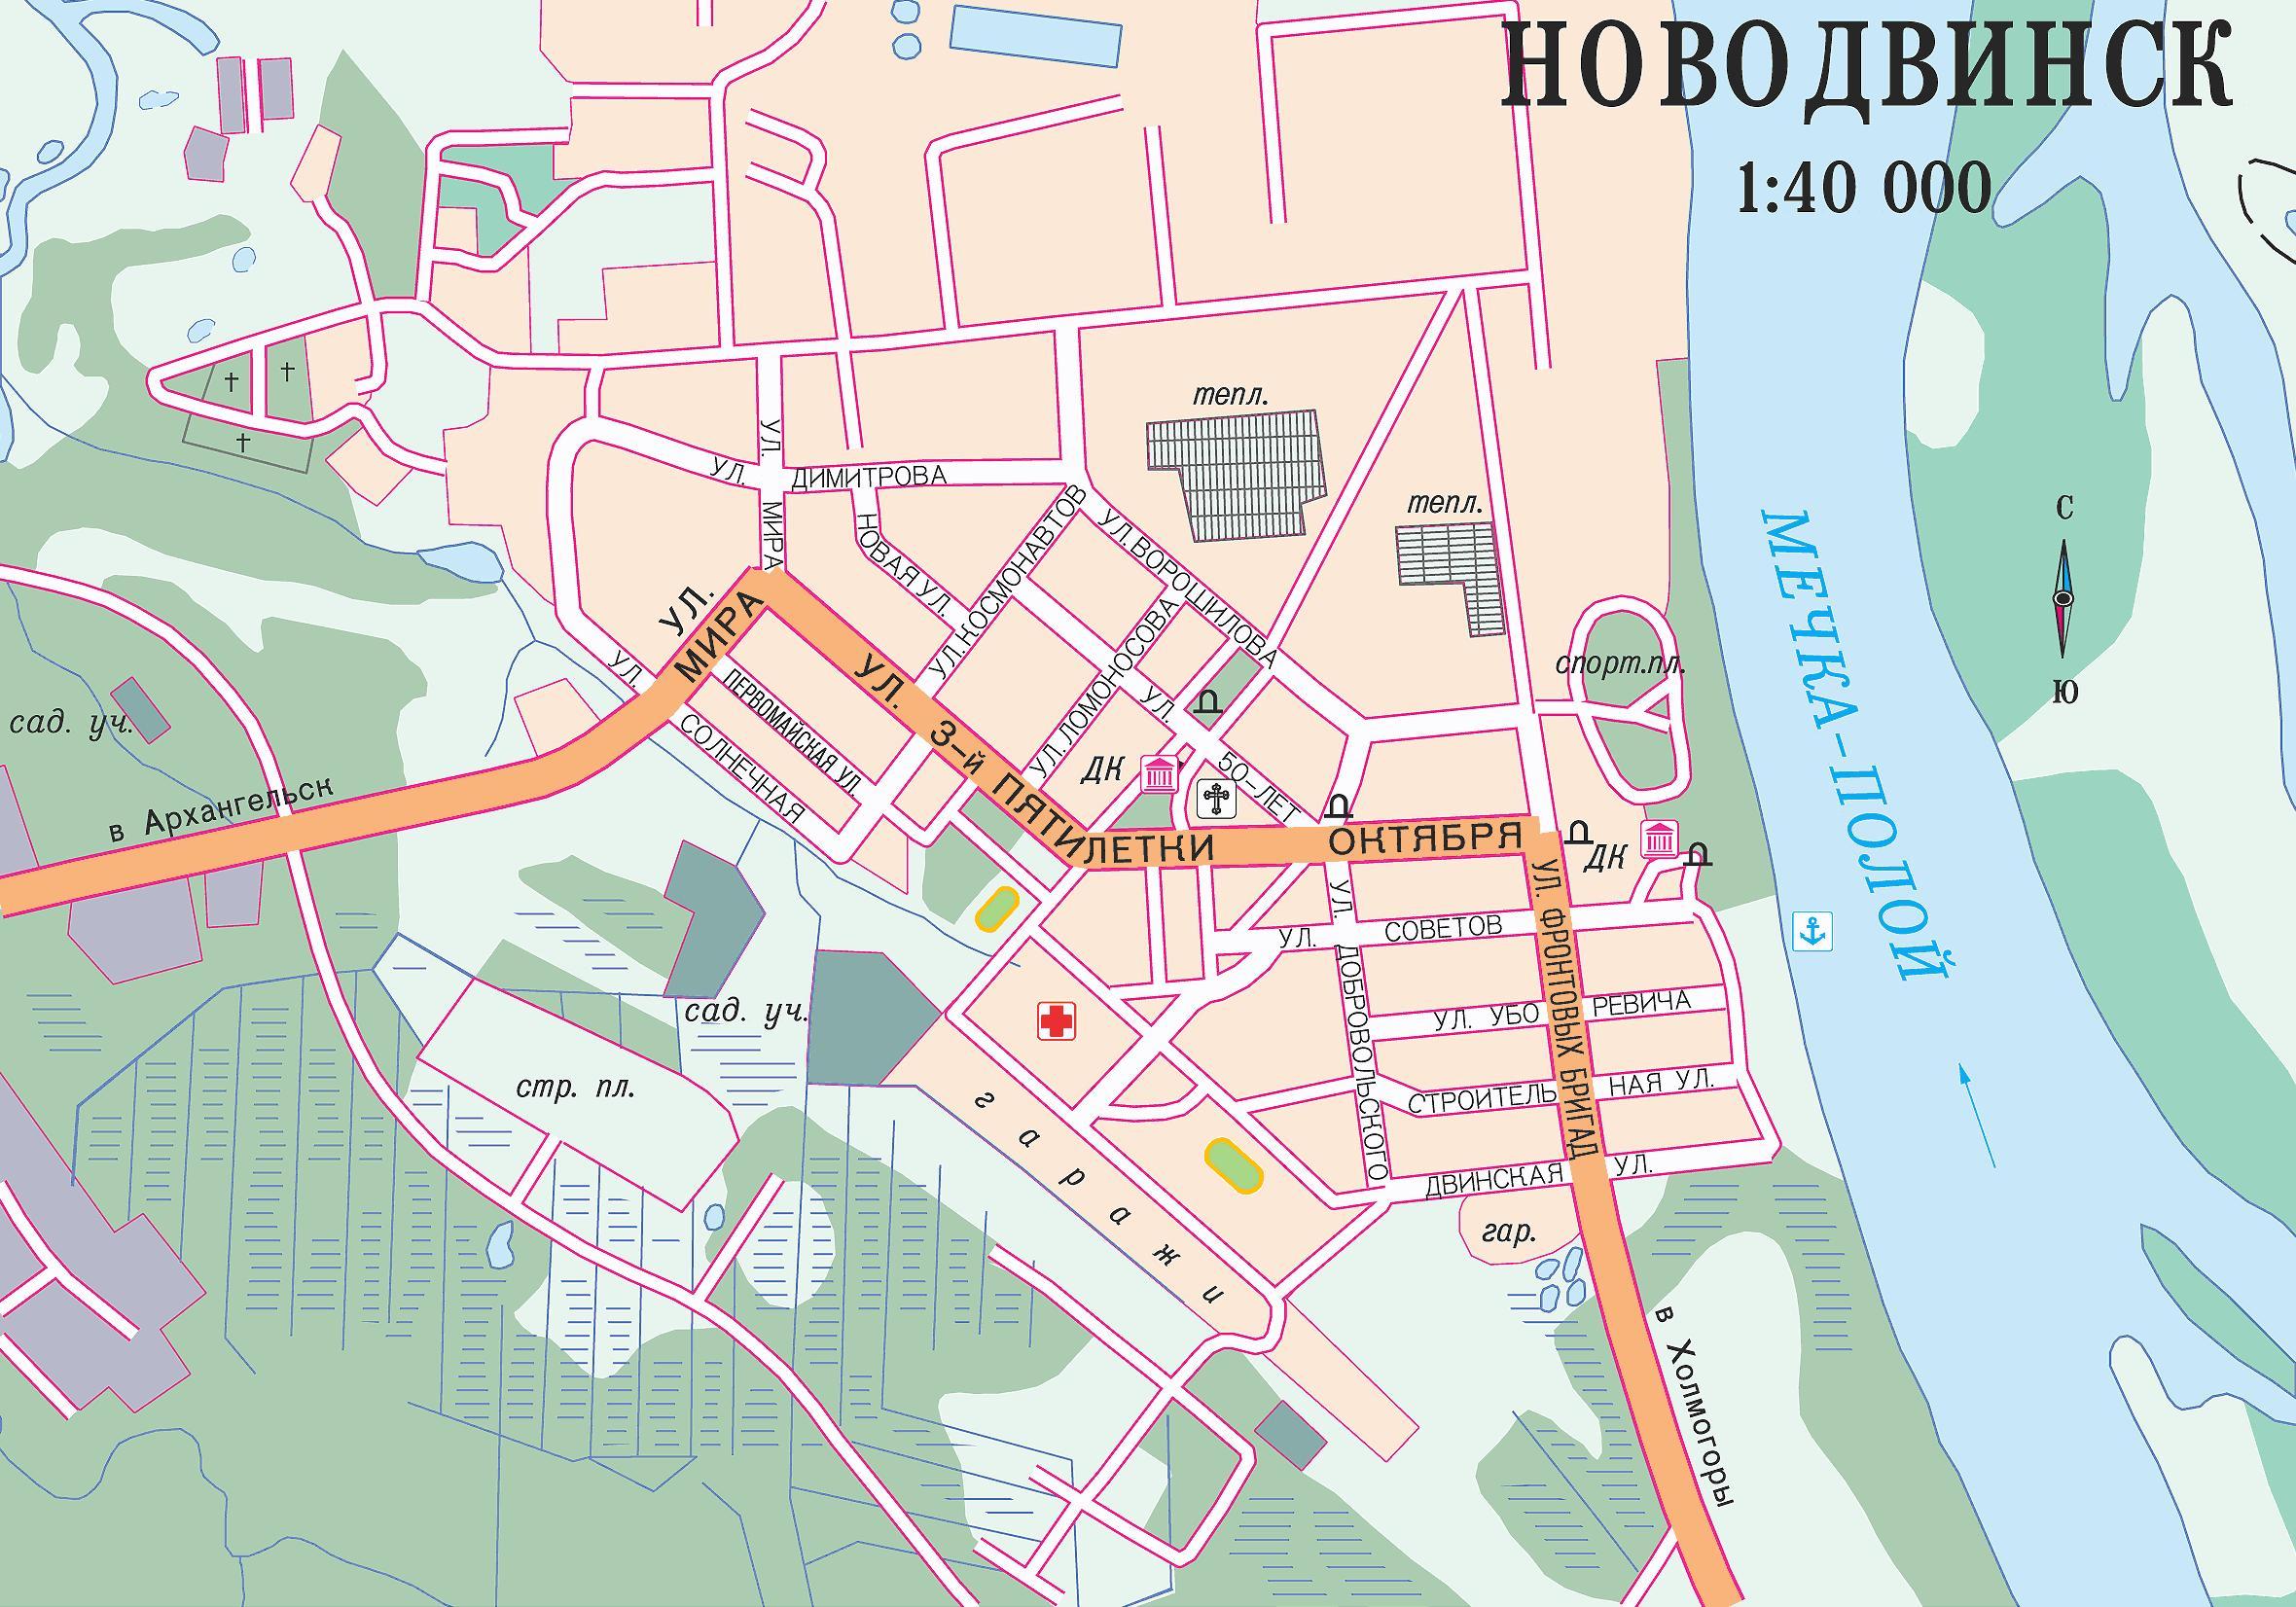 карта новодвинска с улицами и номерами домов